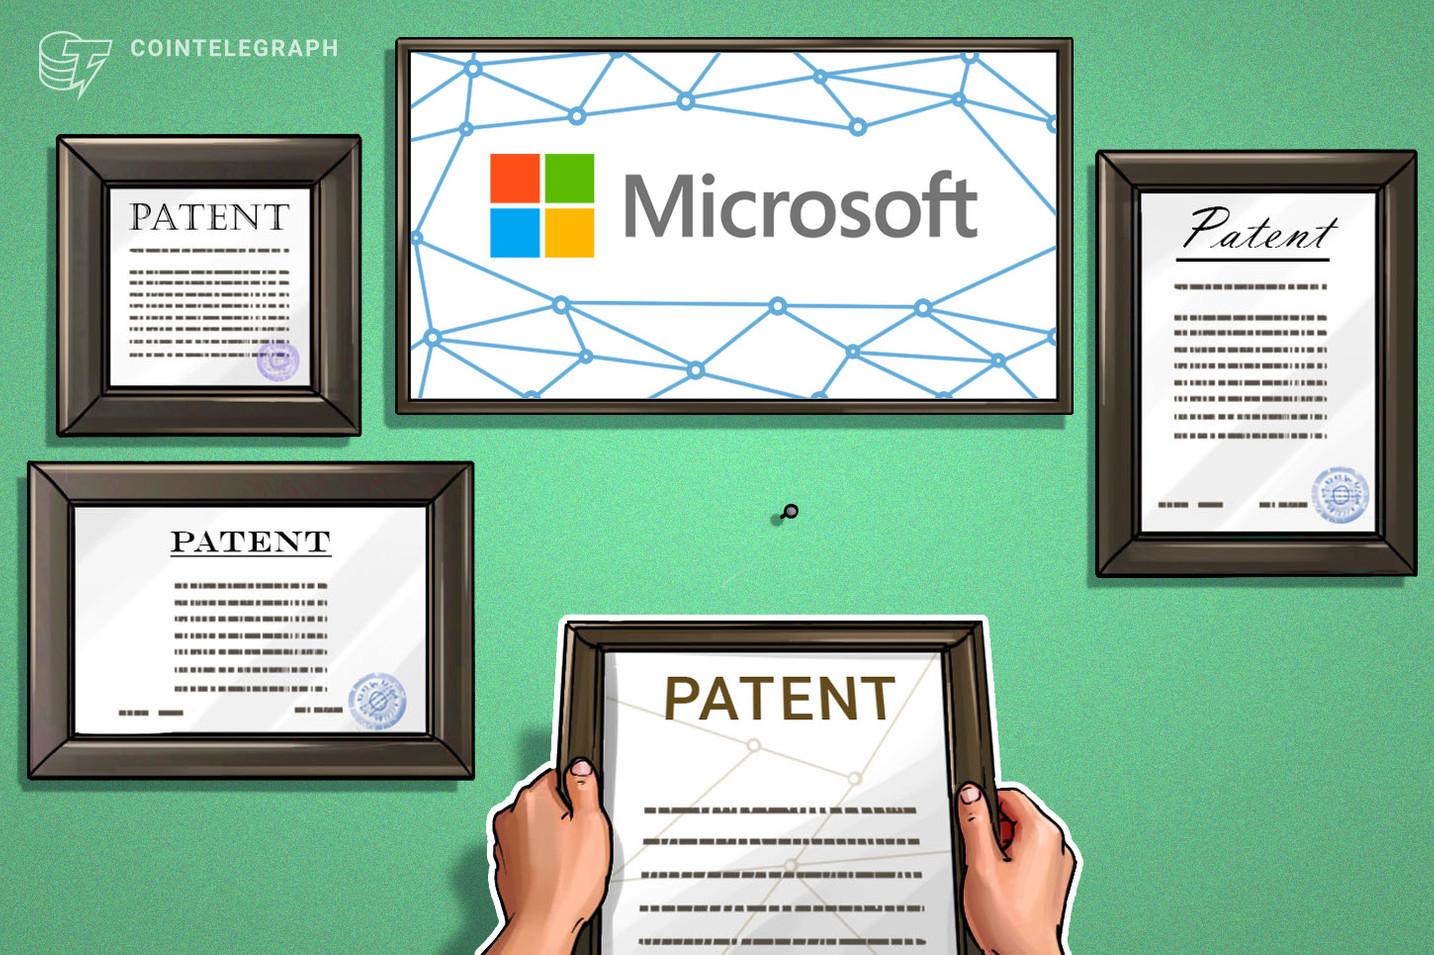 マイクロソフト、クロスチェーン関連の特許を取得